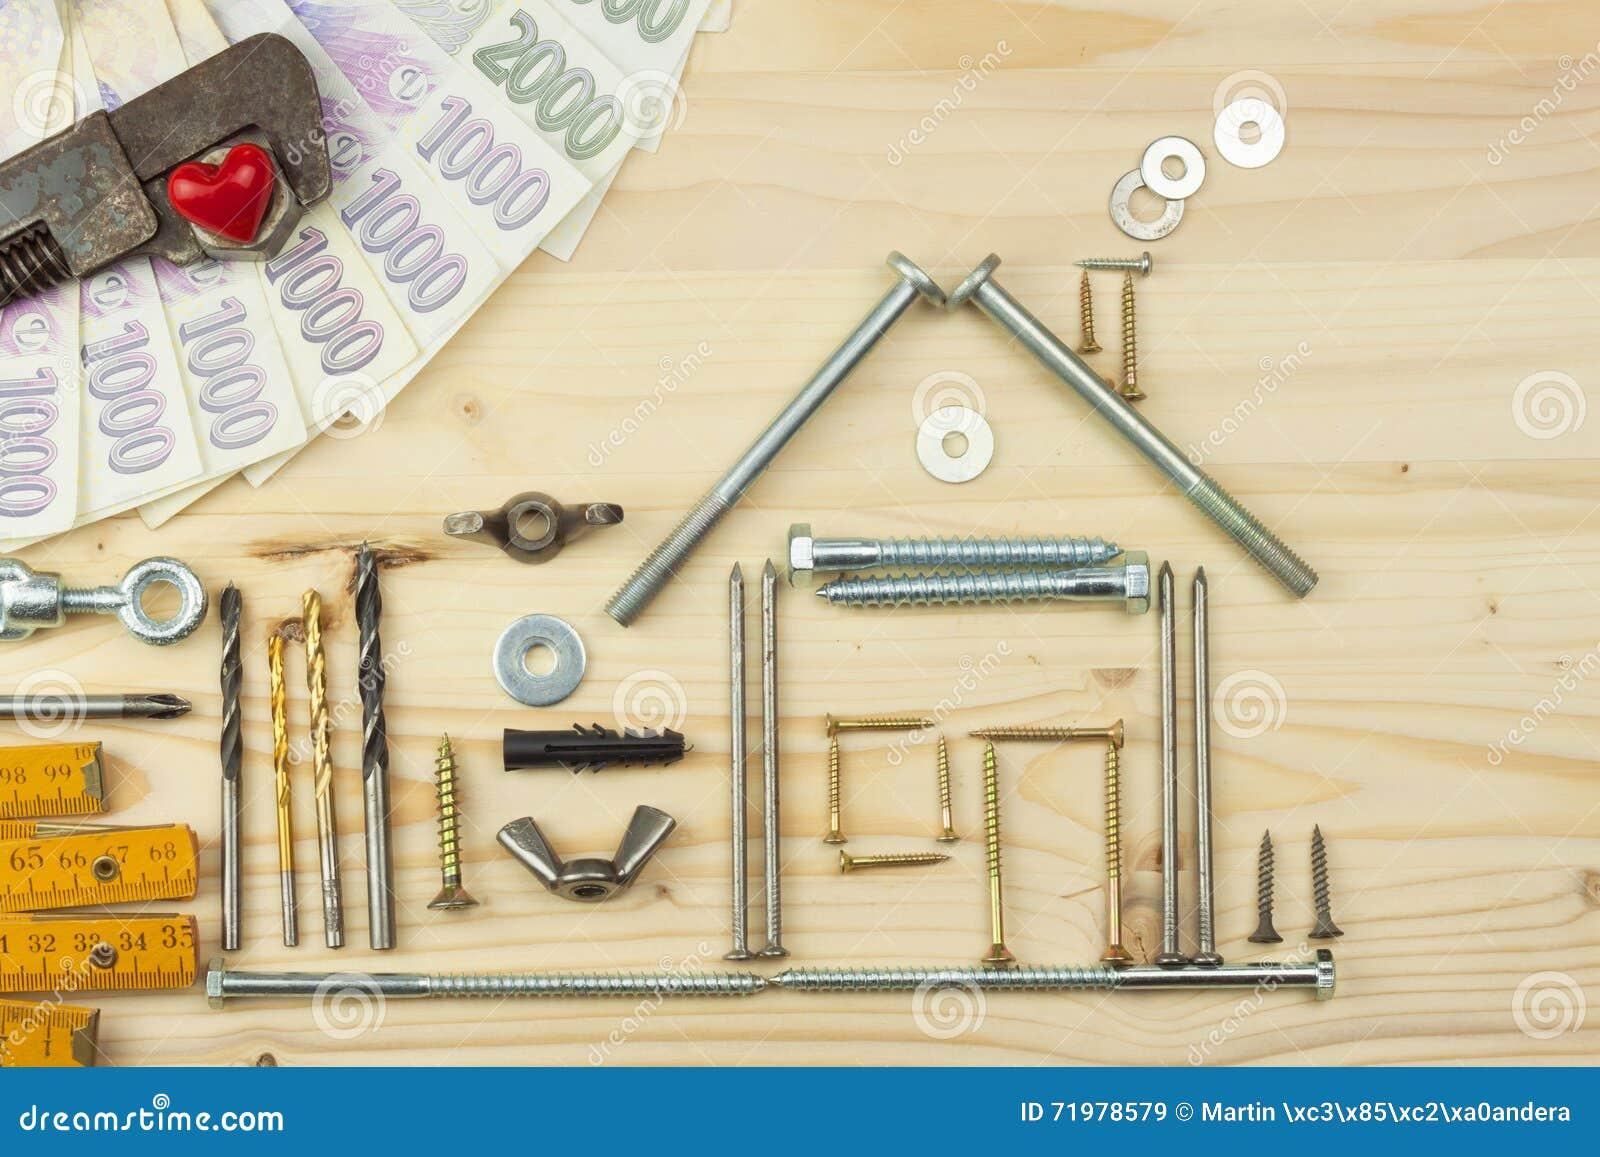 Hypothèque Pour Construire Une Maison Pour La Famille Vrai